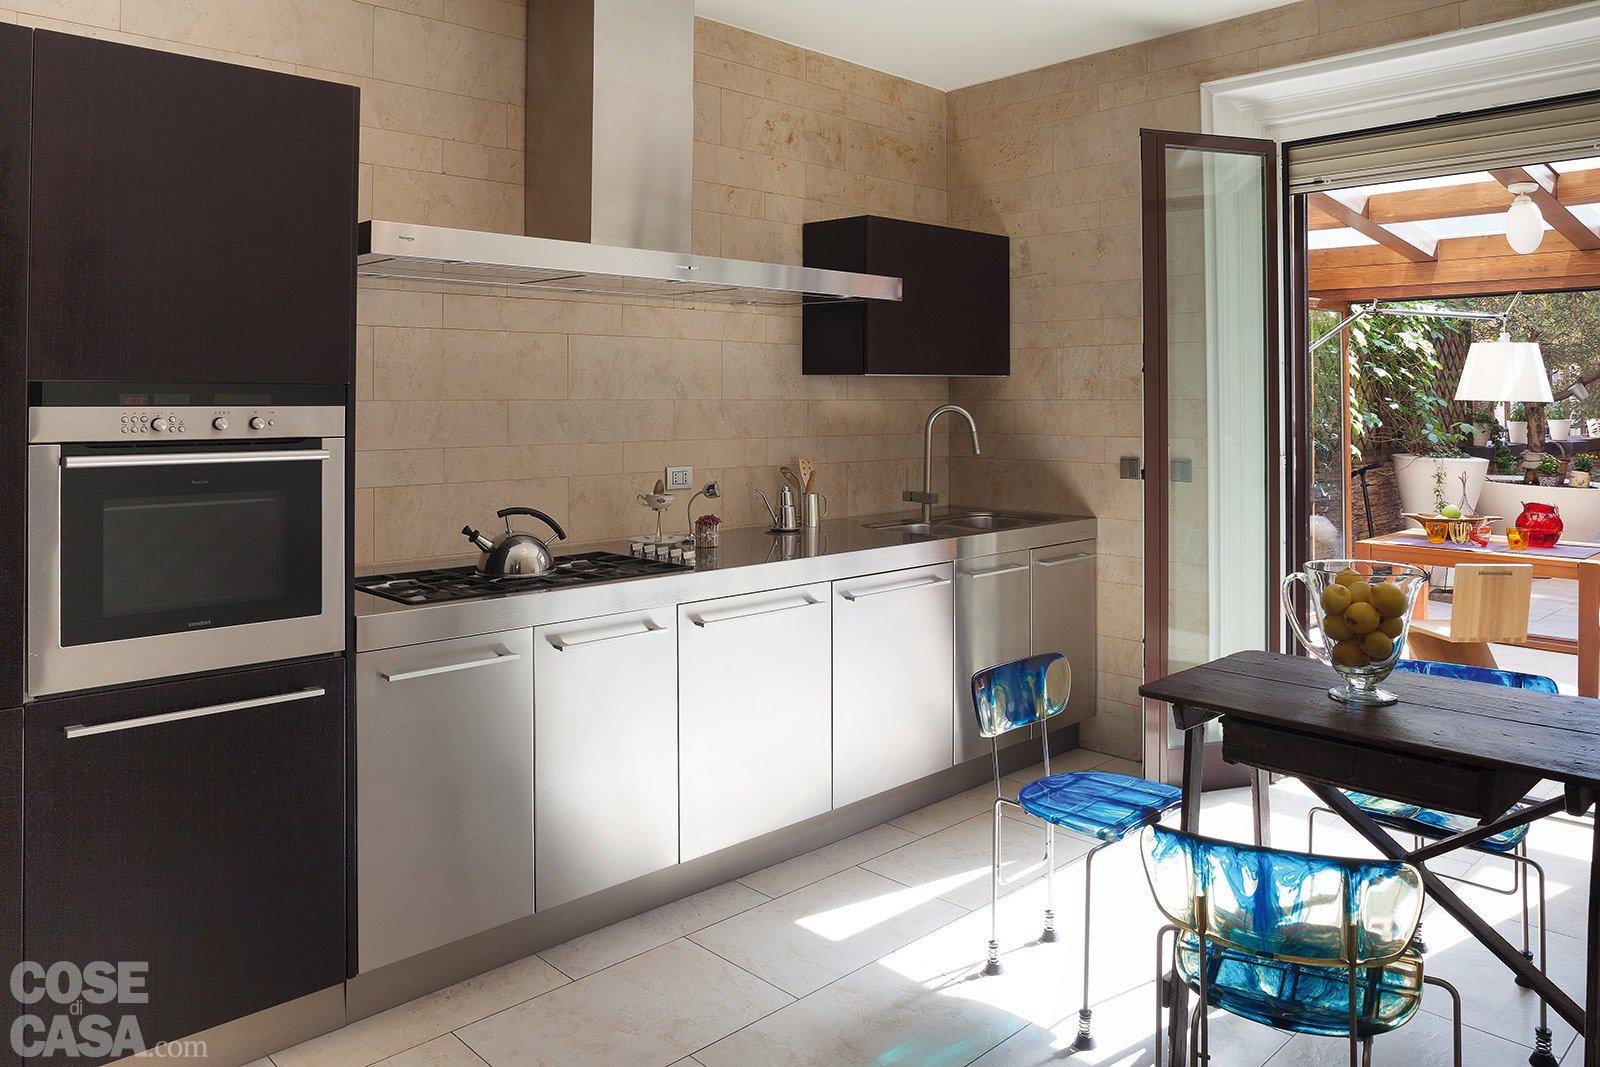 Piastrelle rivestimento cucina moderna: rivestimenti cucina ...